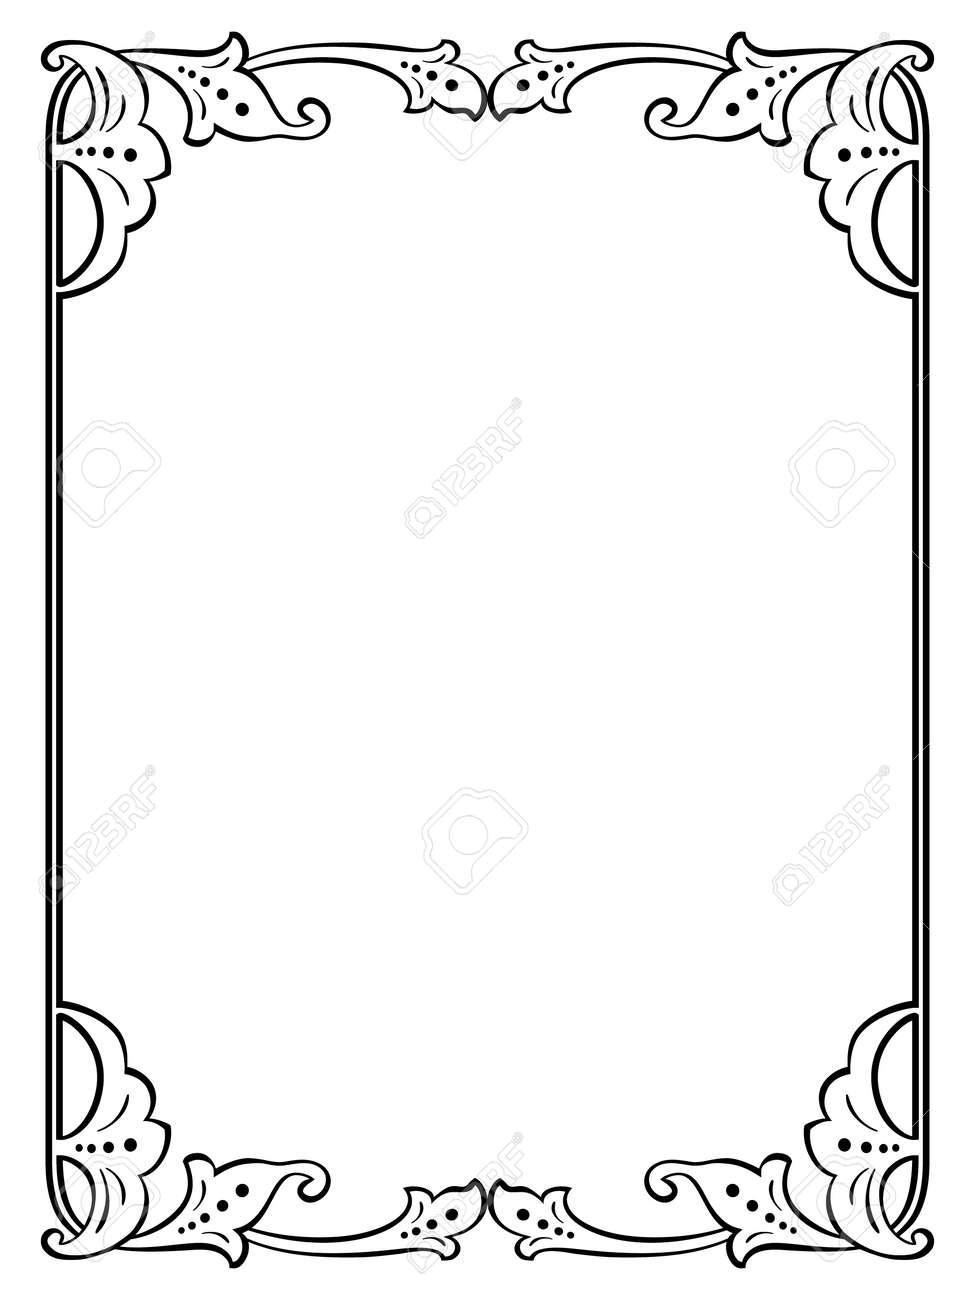 Calligraphie Calligraphie Bouclés Cadre Baroque Noir Isolé Clip Art